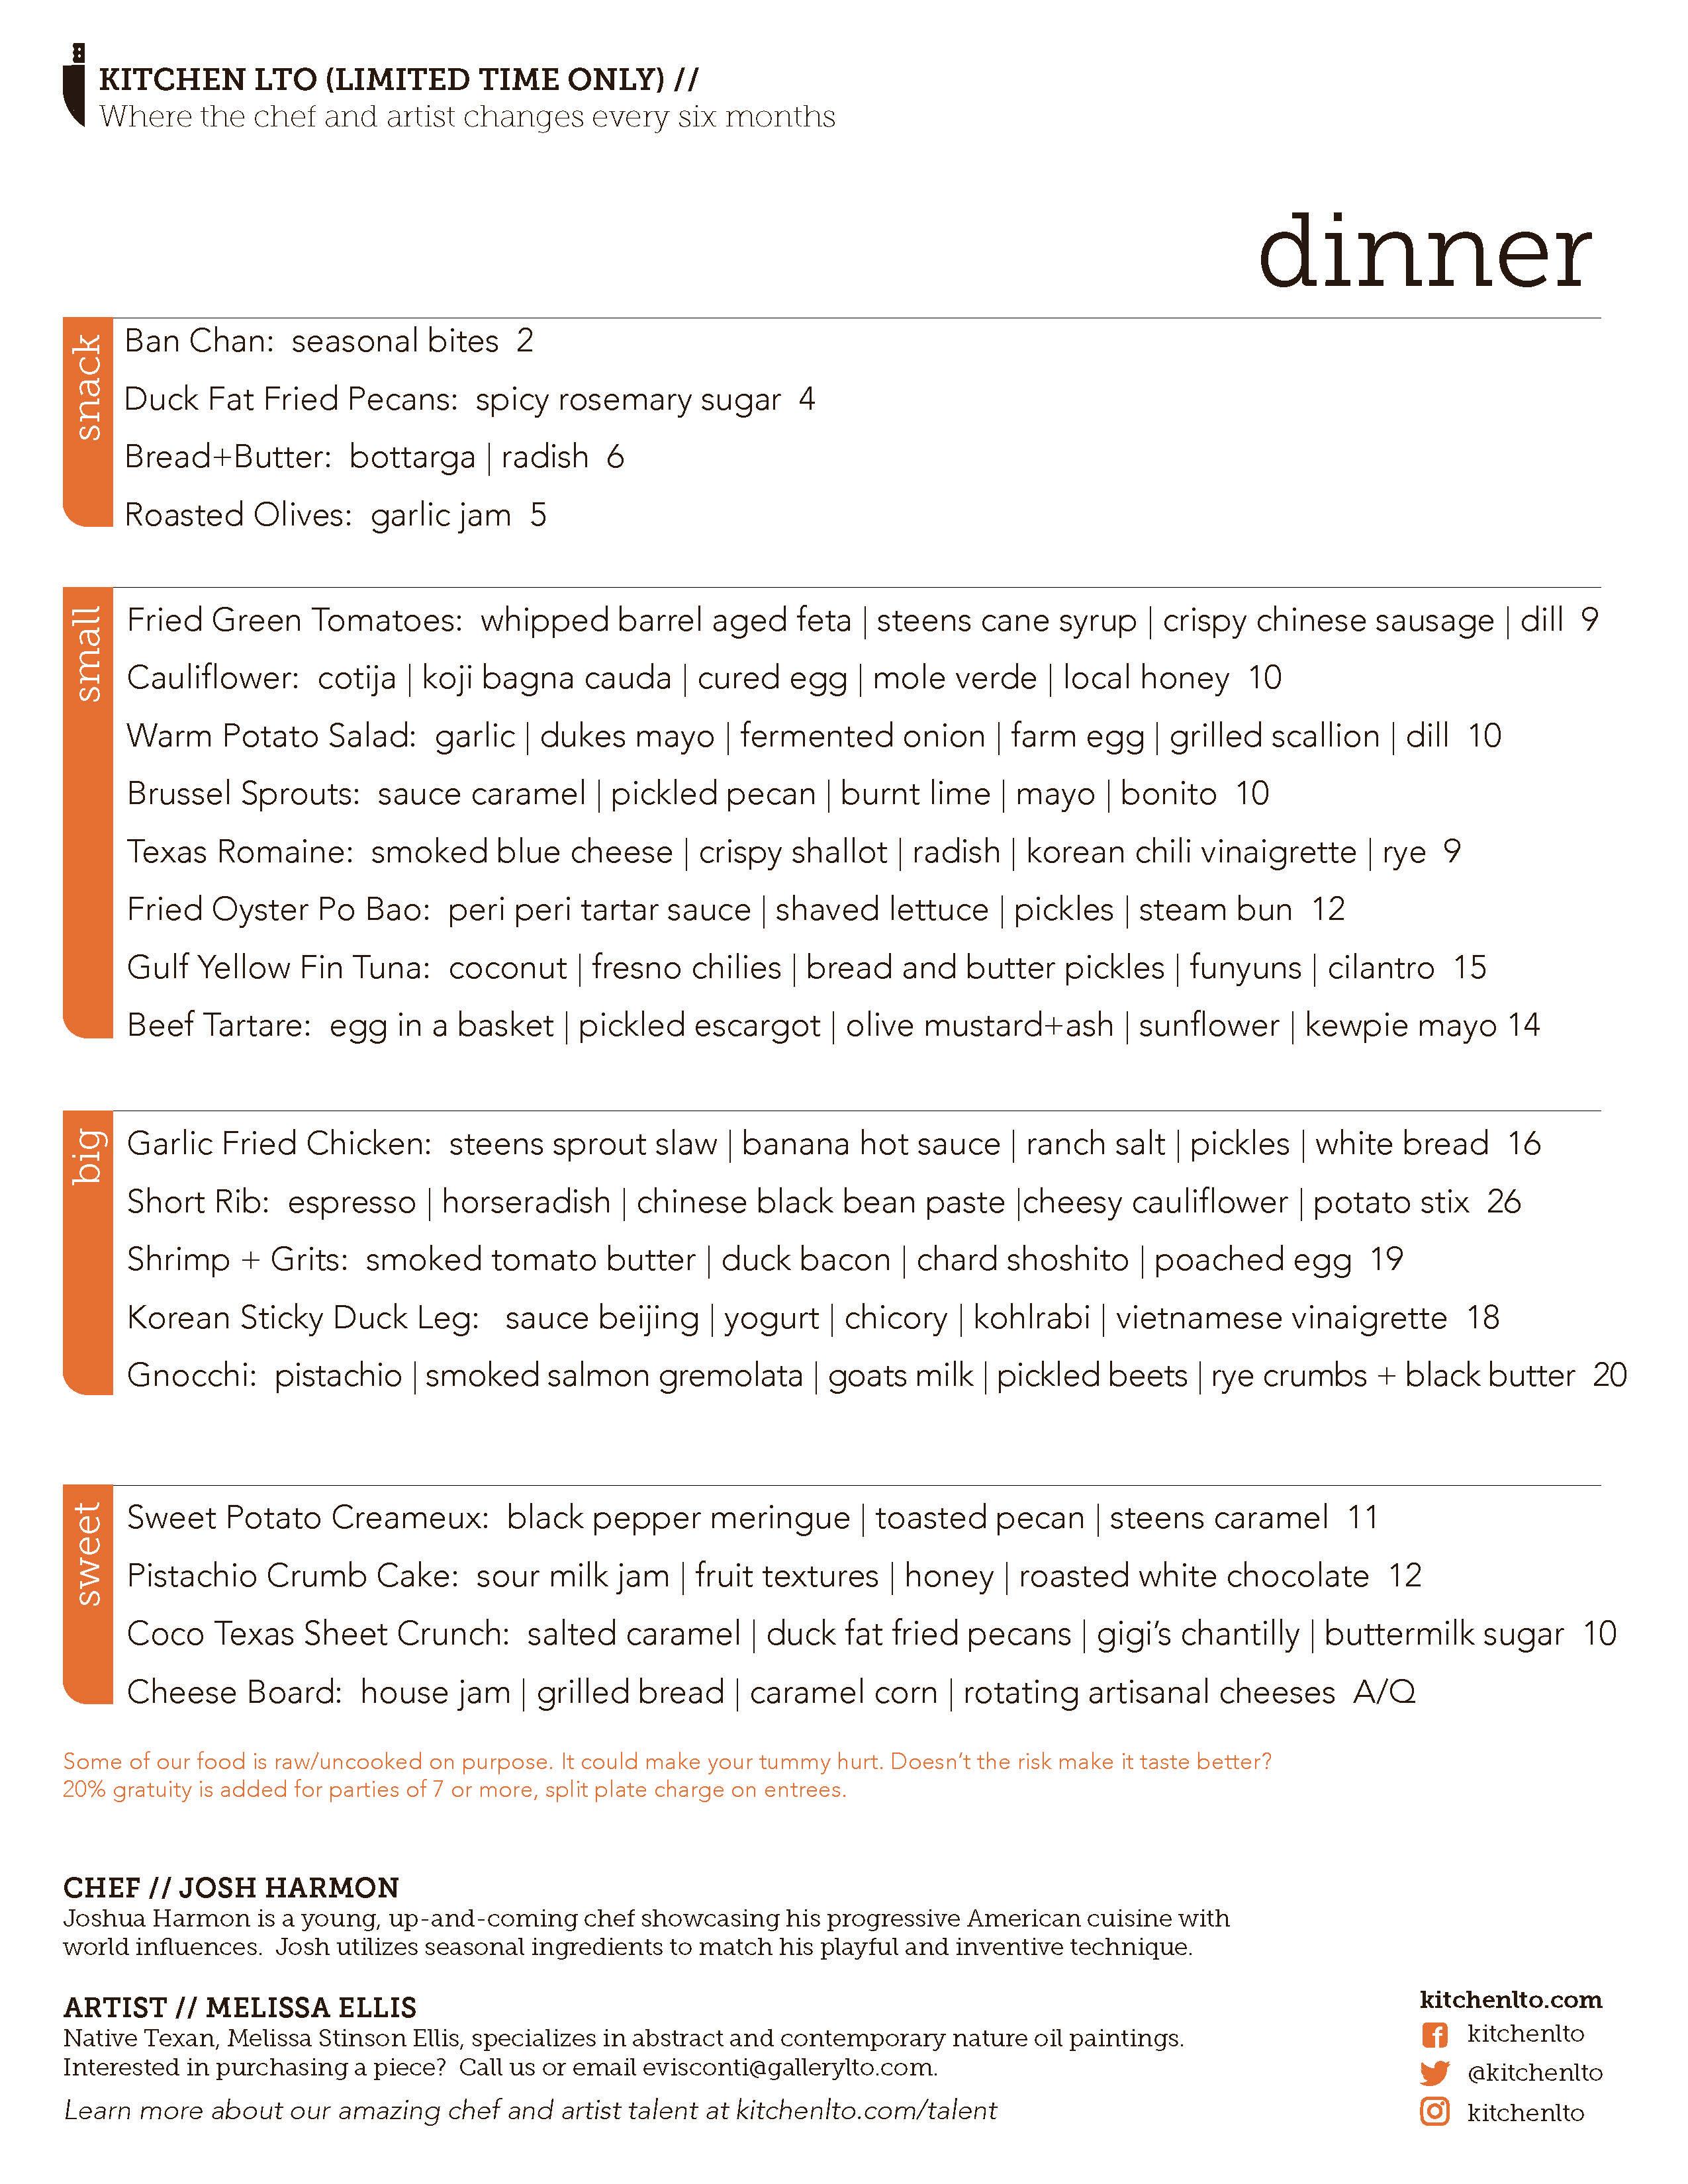 lto-dinner-menu